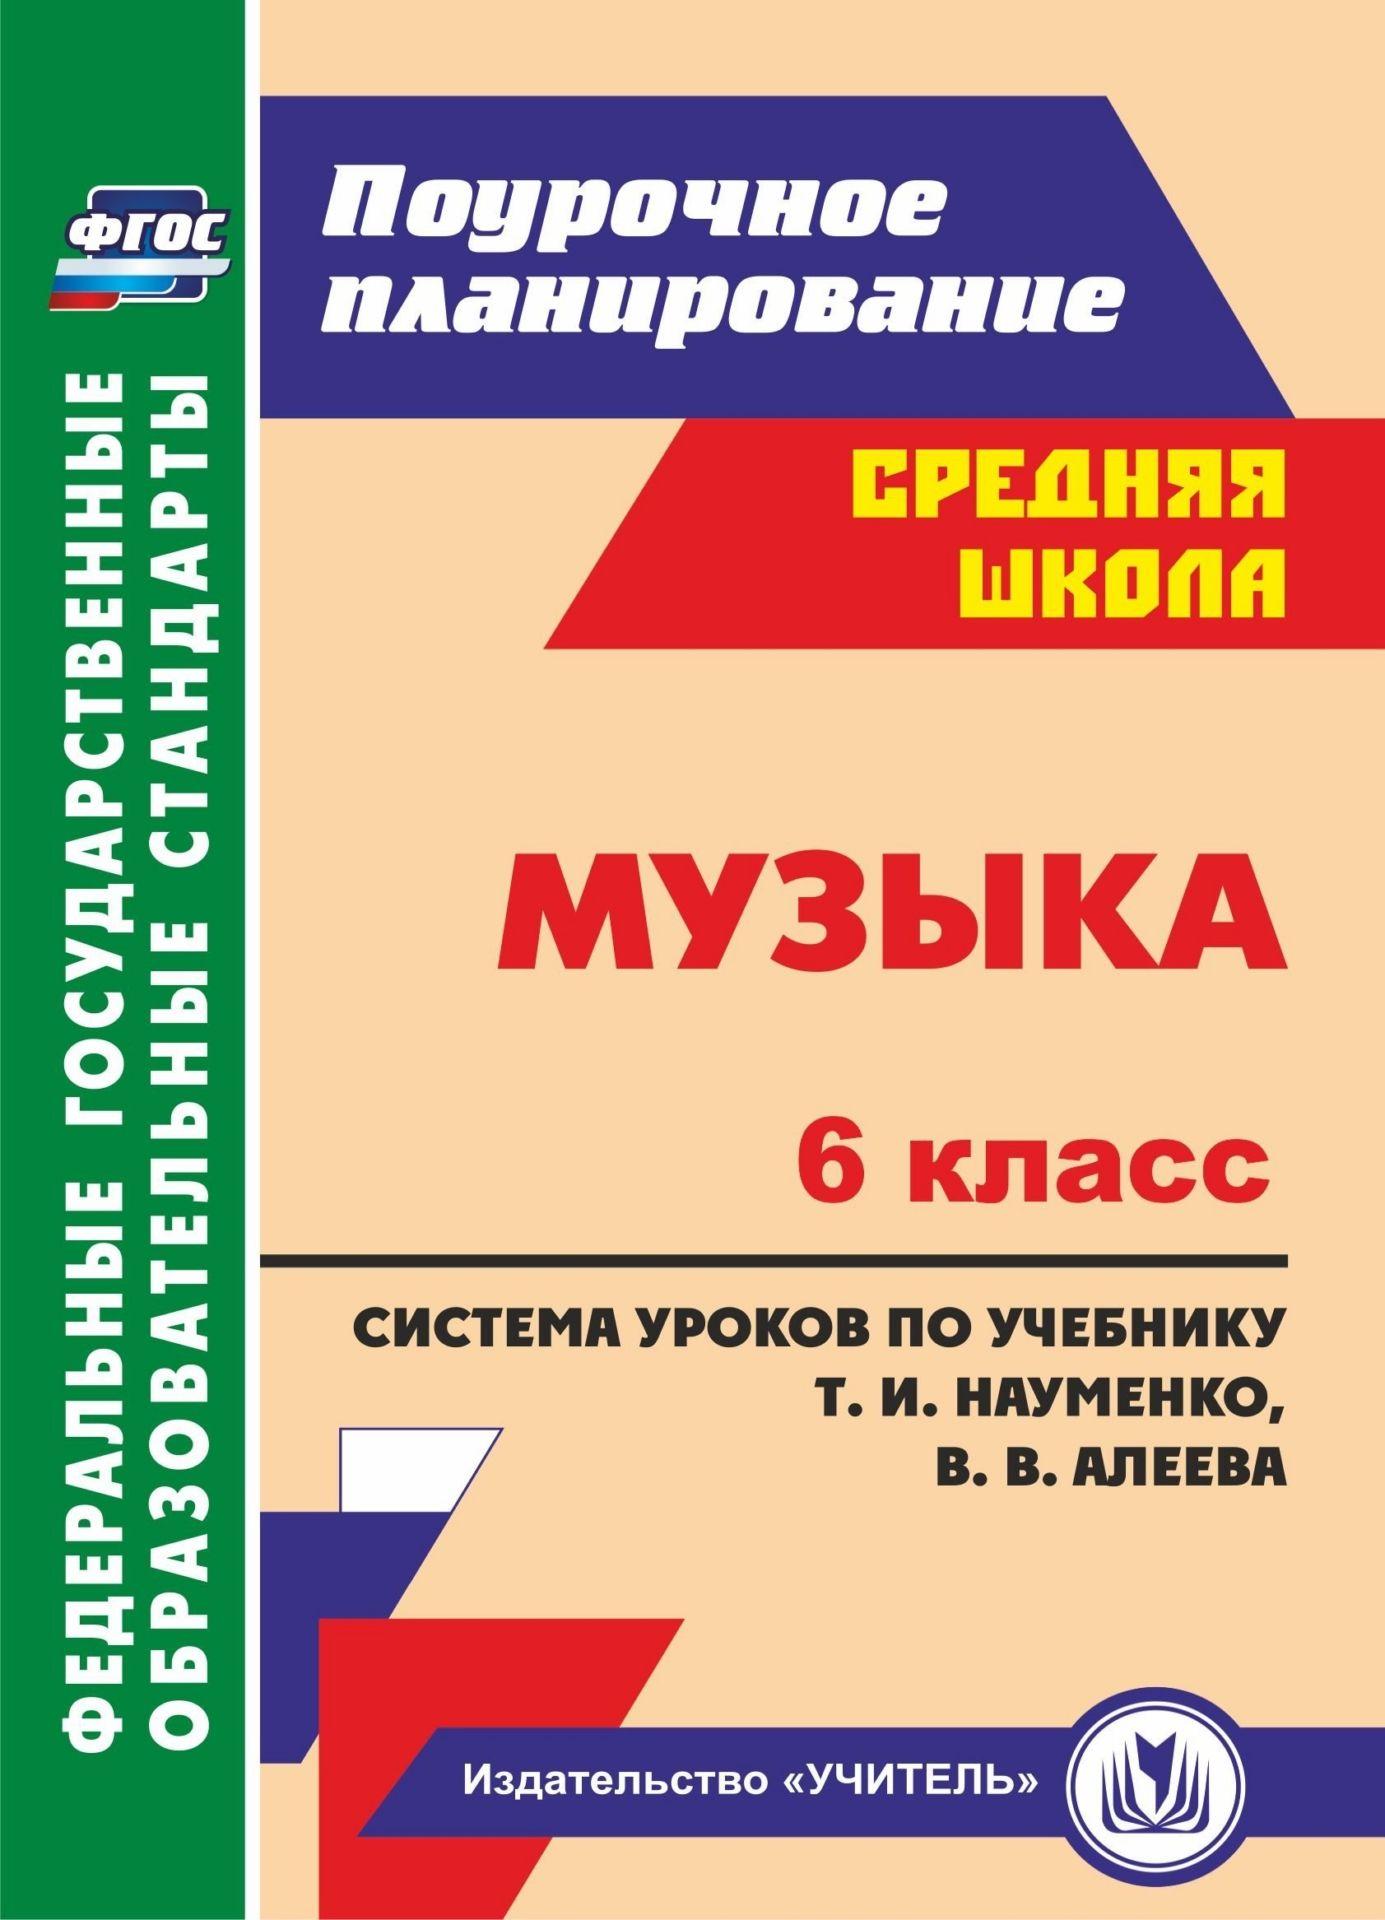 Музыка. 6 класс: система уроков по учебнику Т. И. Науменко, В. В. Алеева. Программа для установки через Интернет